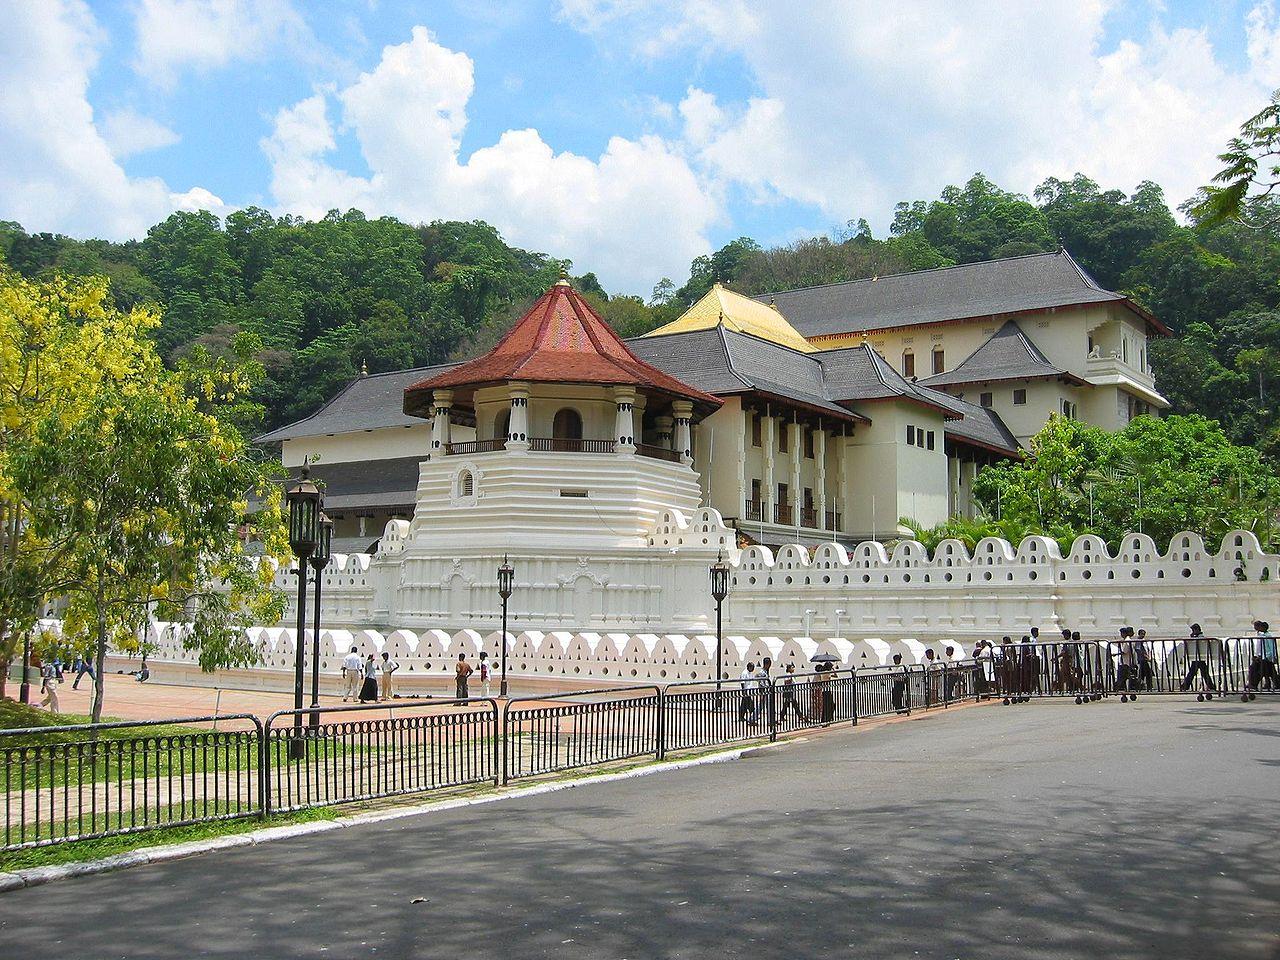 Vista del Templo del Diente de Buda